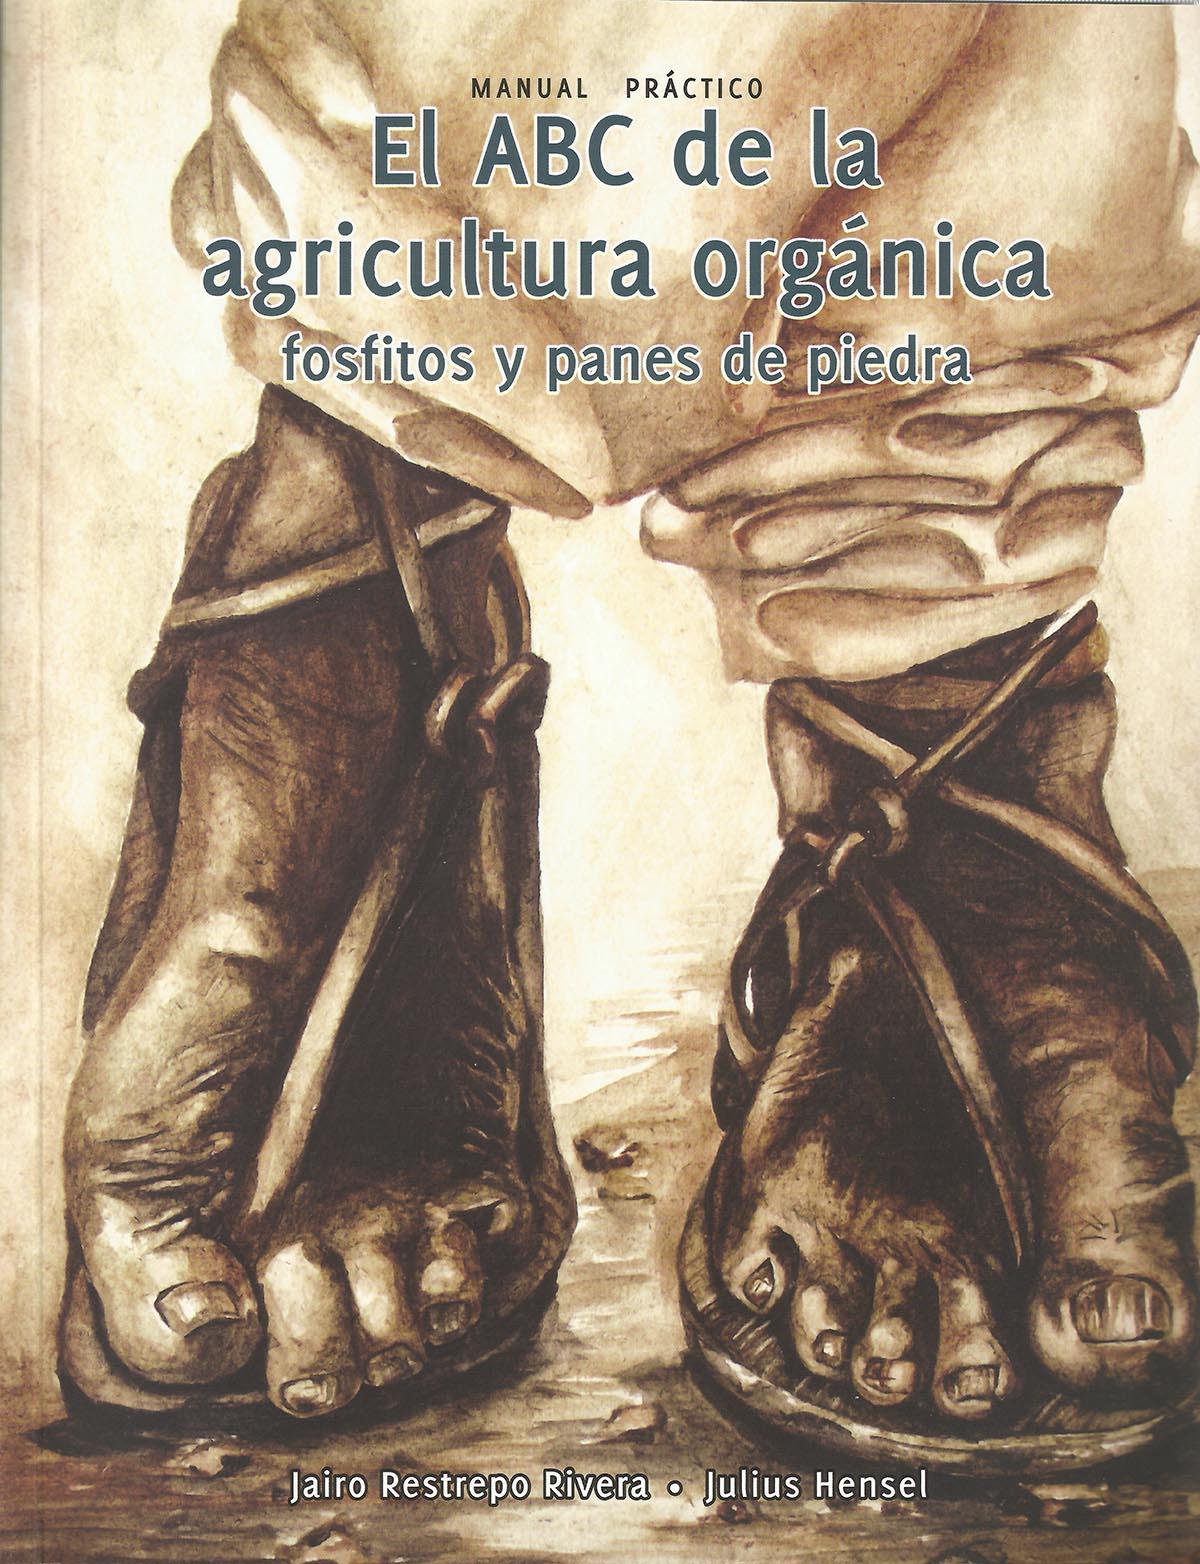 Resultado de imagem para el abc de la agricultura organica